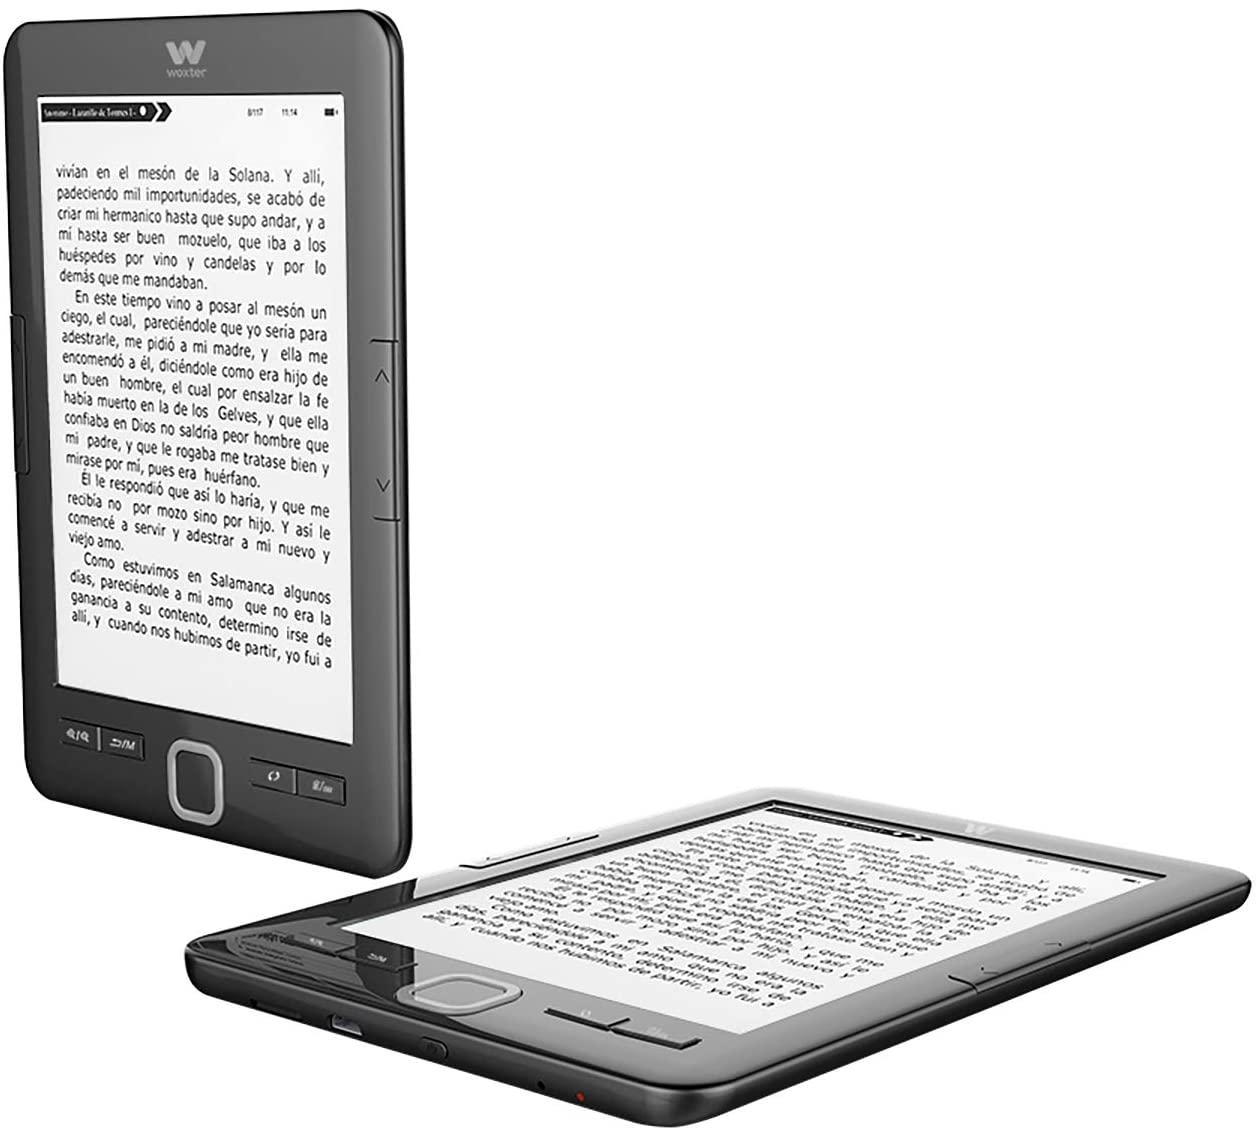 Lector Electrónico: Woxter E-Book Scriba 195 Black